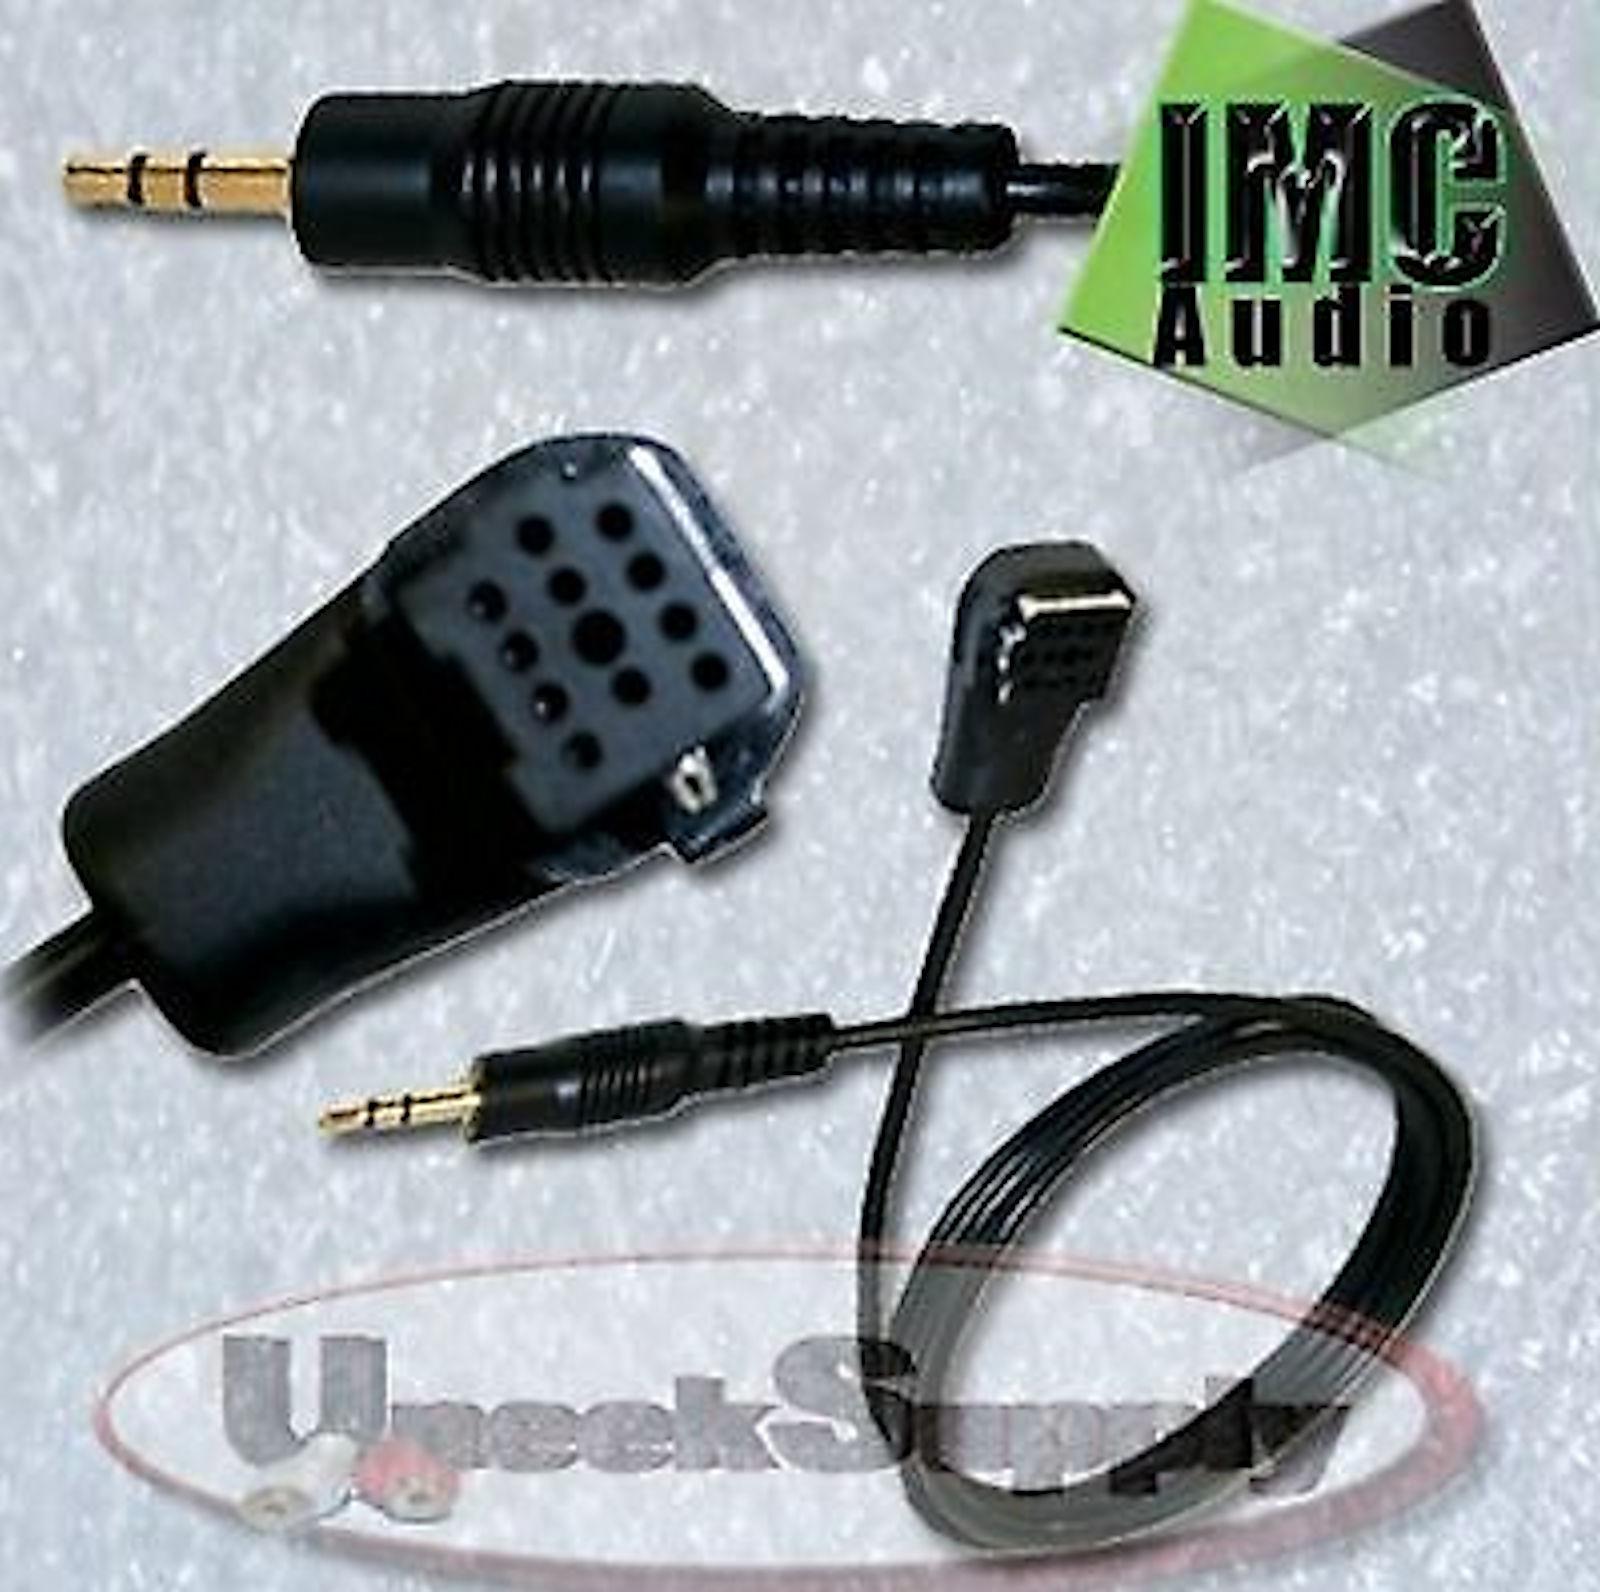 PIONEER Avic-D1 Avic-D2 AVIC-D3 AVIC-N2 AVIC-Z1 AVIC-Z2 AVIC-Z3 Cable US Shipper